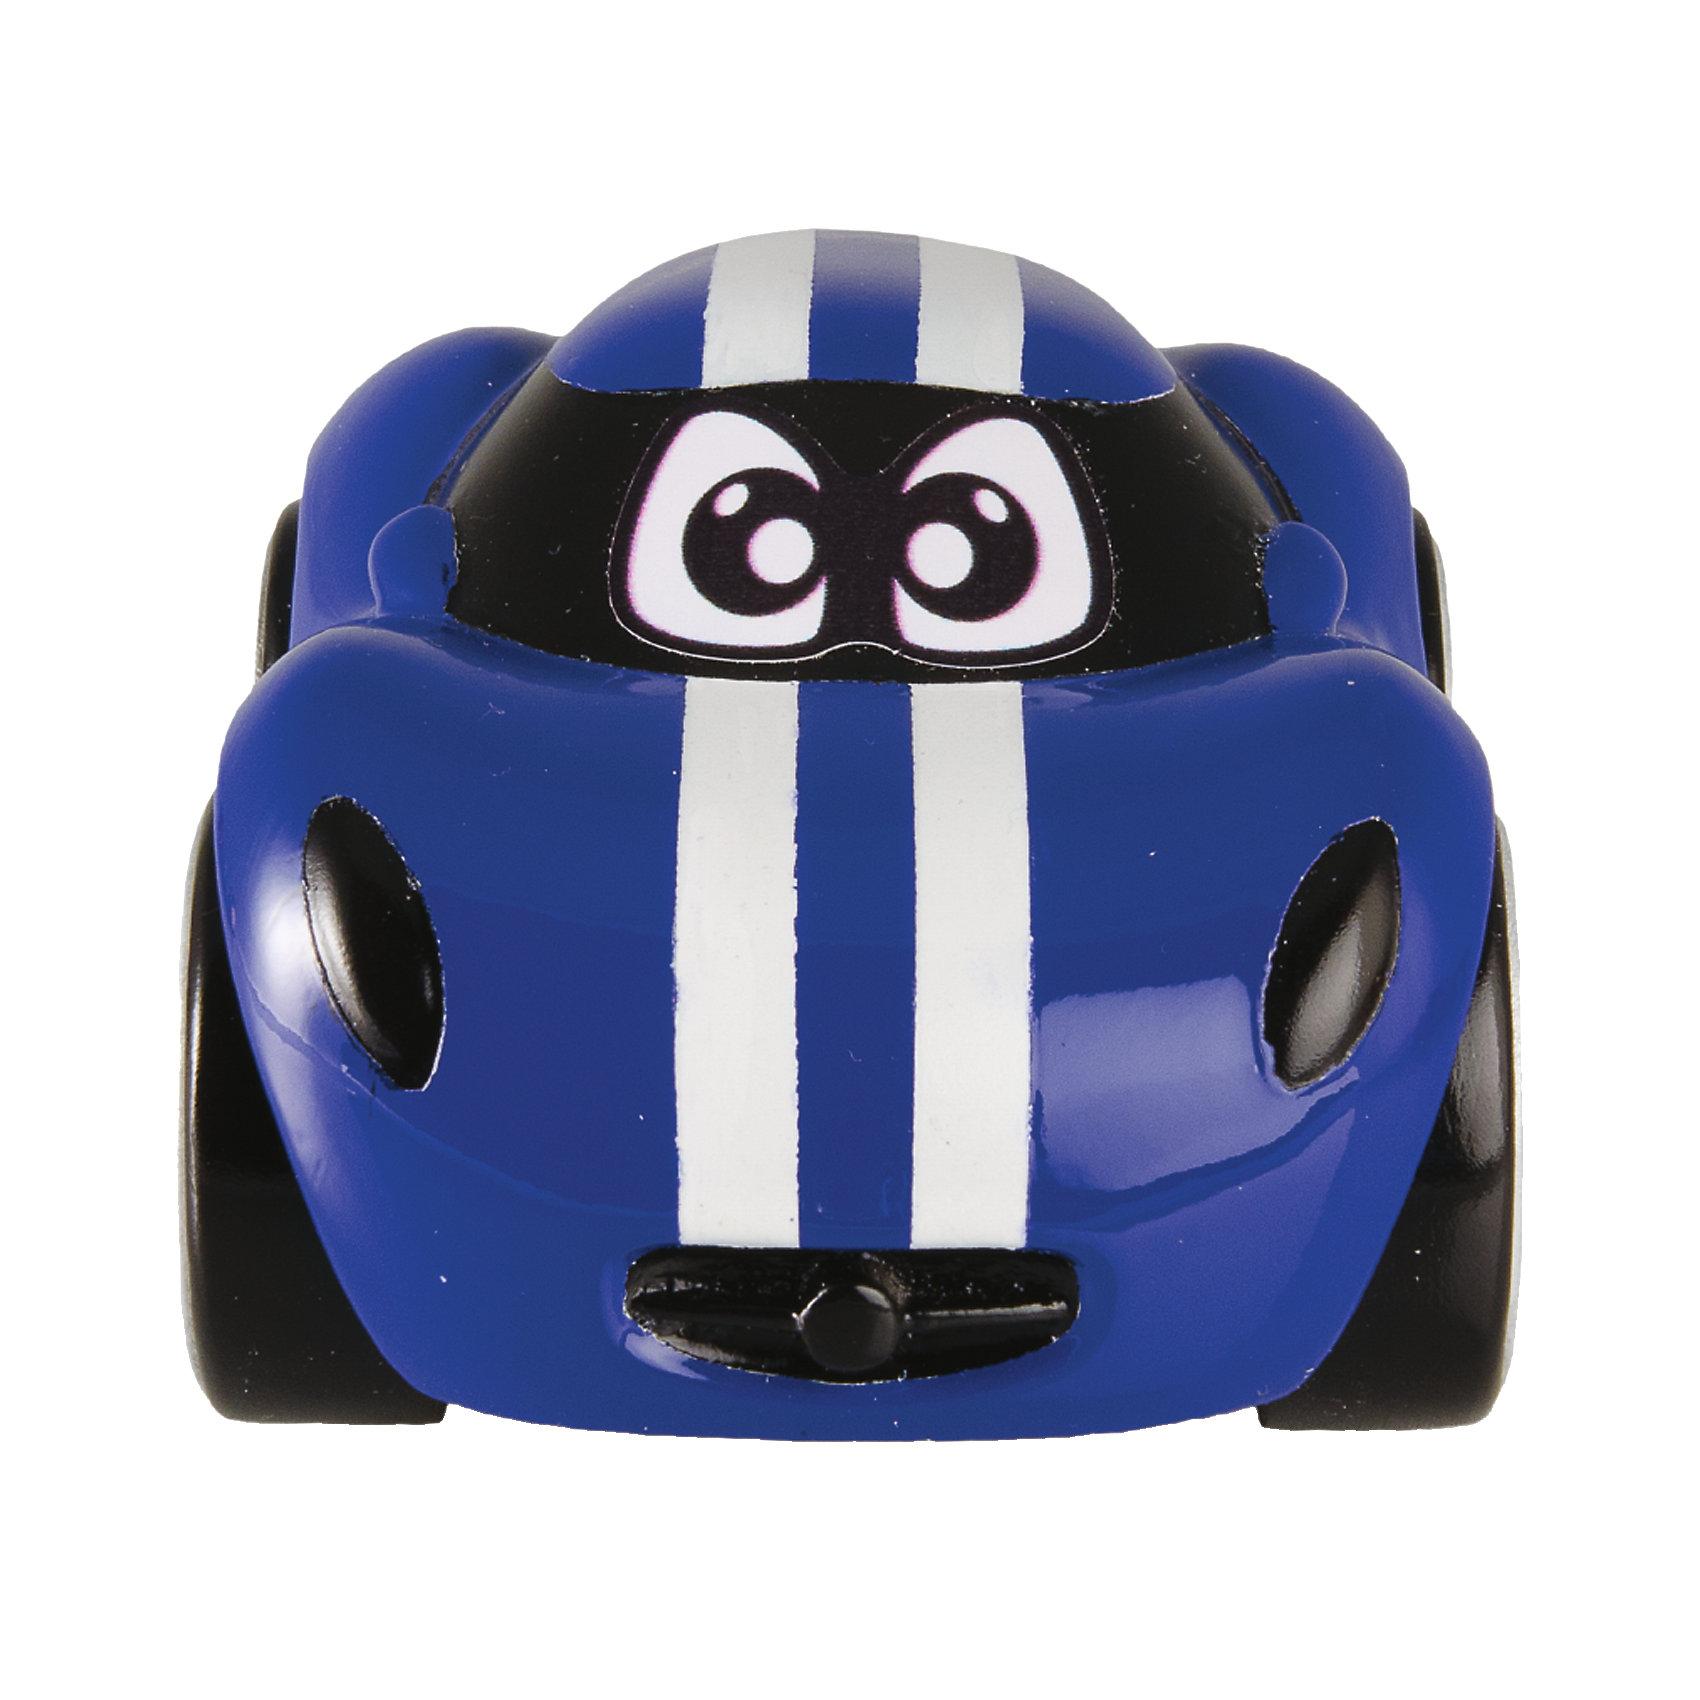 CHICCO Мини-машинка Turbo Touch Donnie Stunt, синяя, Chicco автодома на колесах бу купить в испании